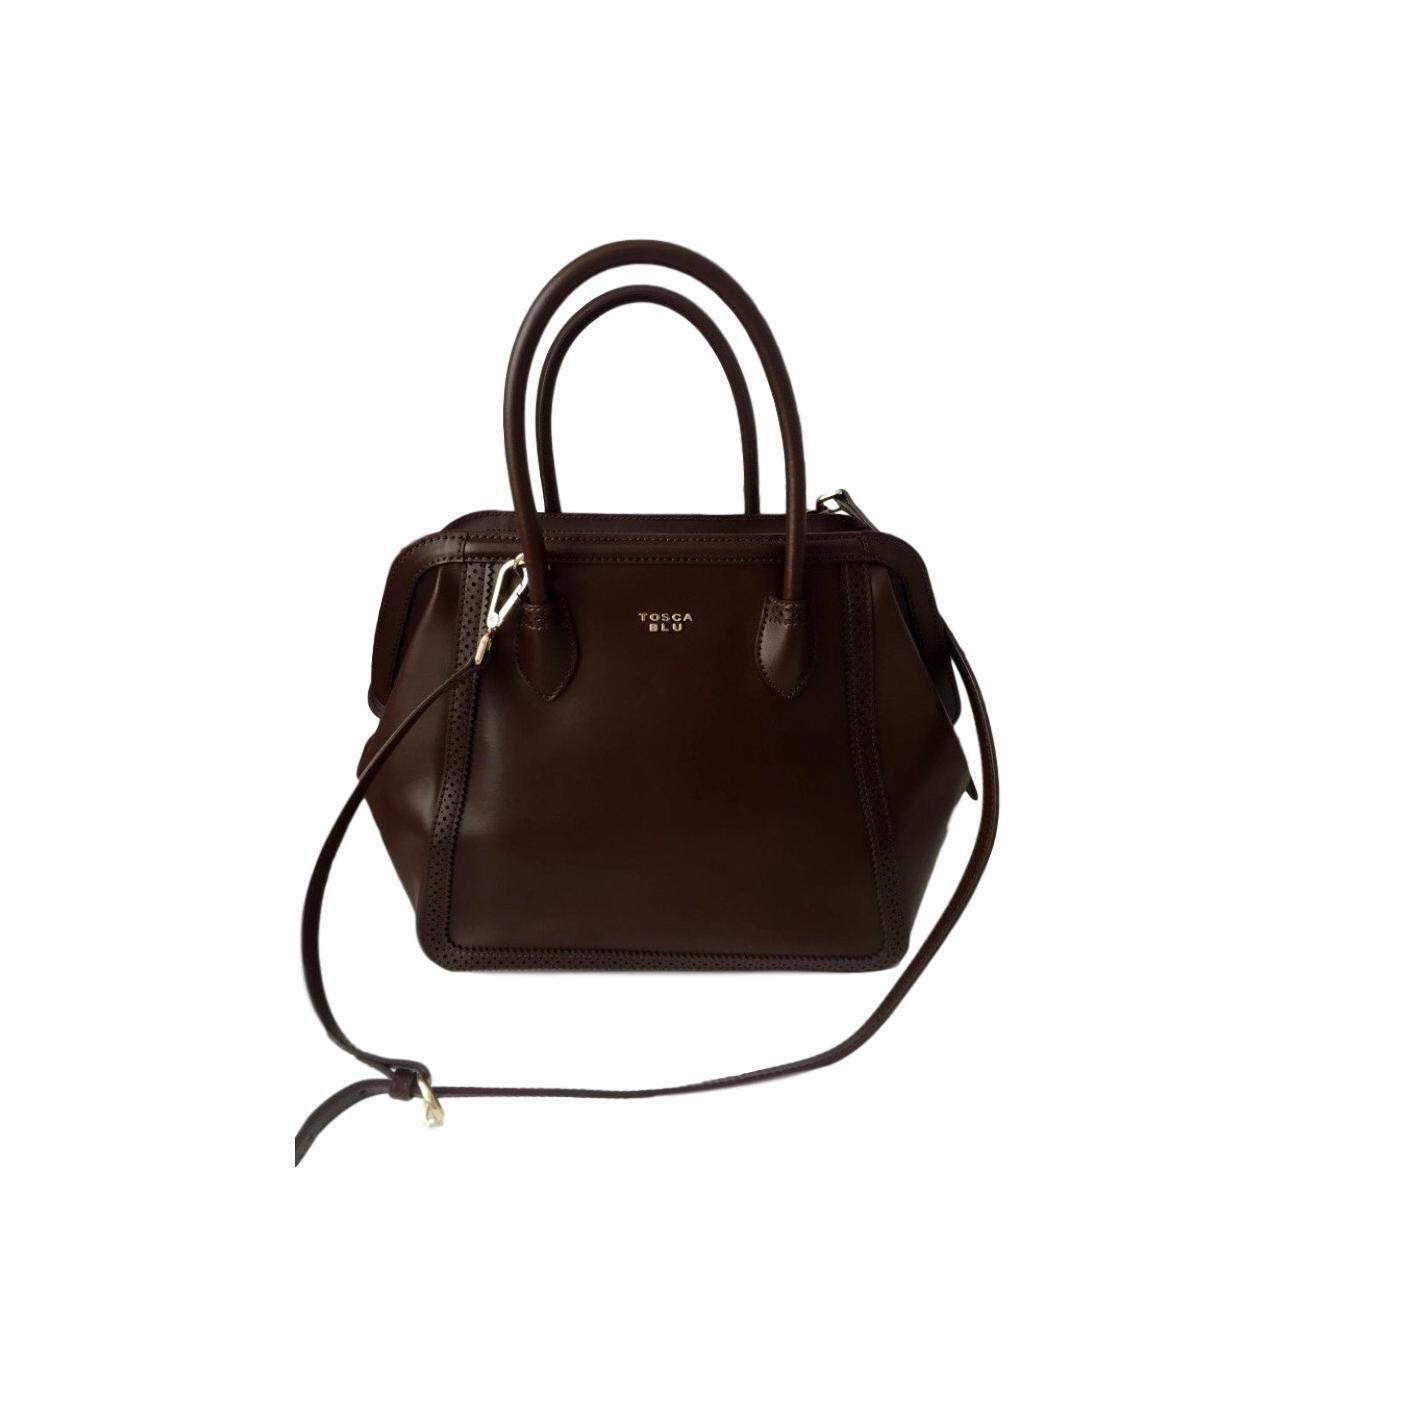 8ec57db98991 Купить среднюю сумку Tosca Blu за 5300 руб. в интернет магазине ...